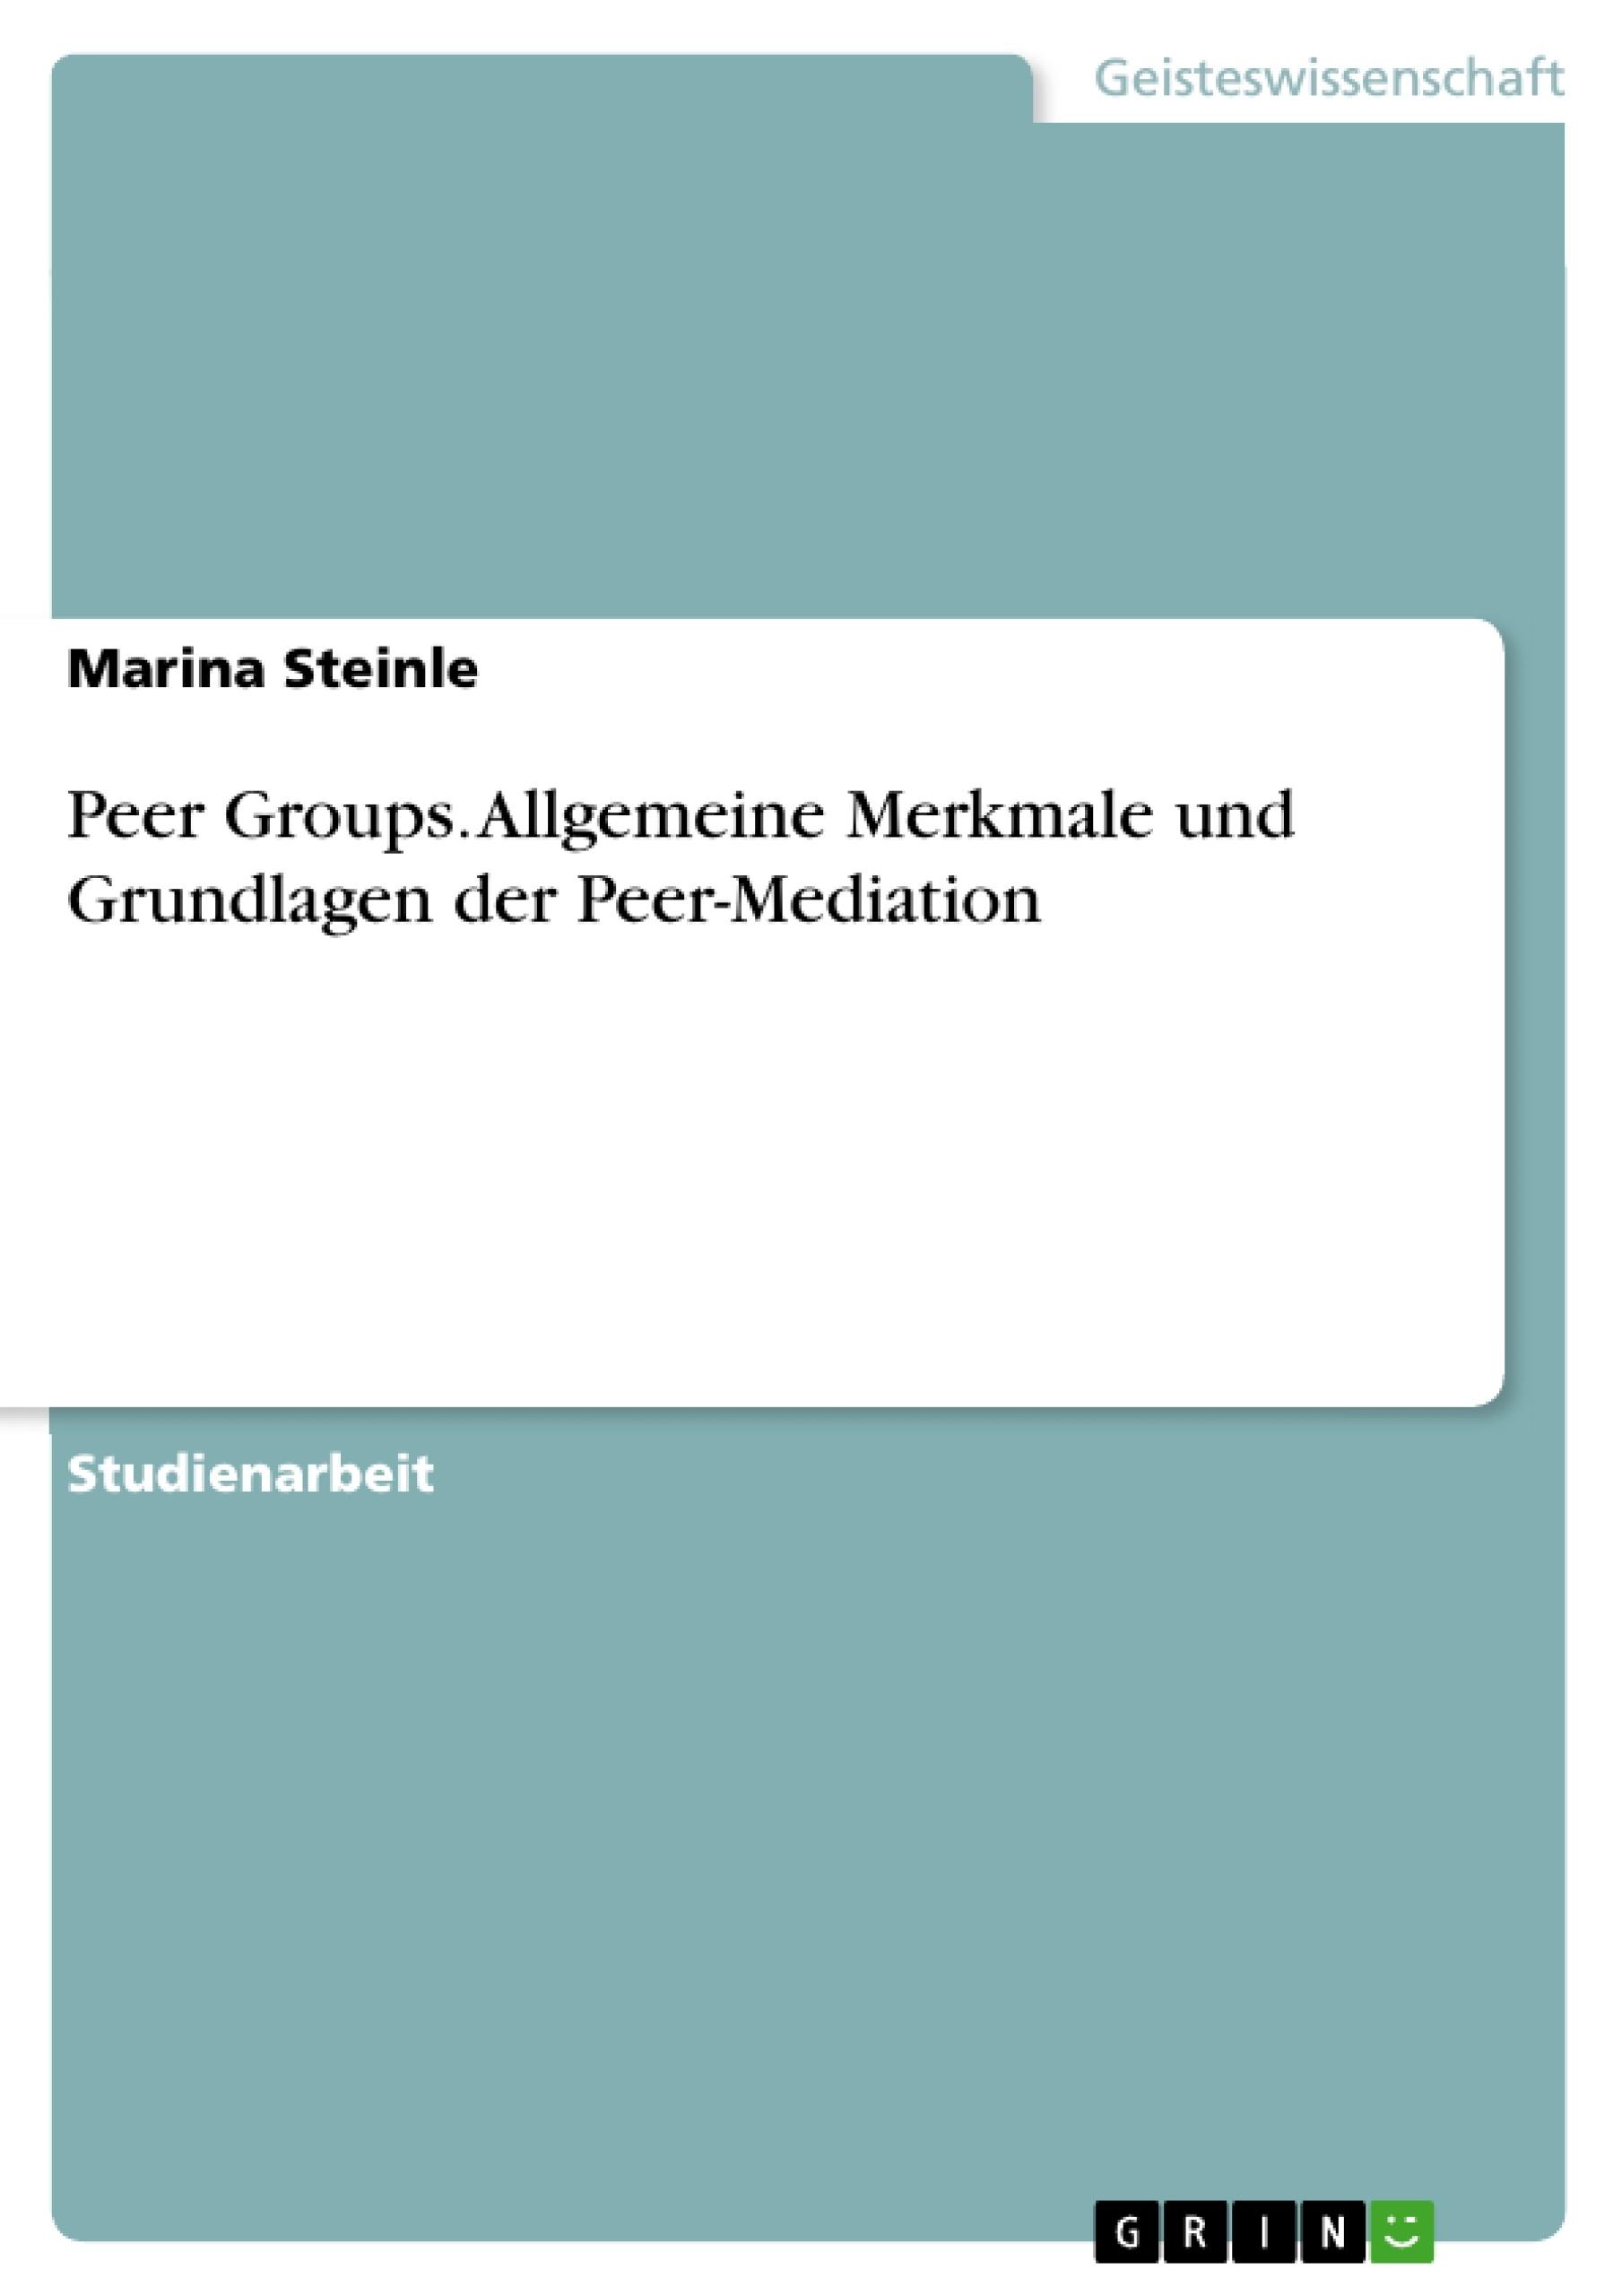 Titel: Peer Groups. Allgemeine Merkmale und Grundlagen der Peer-Mediation